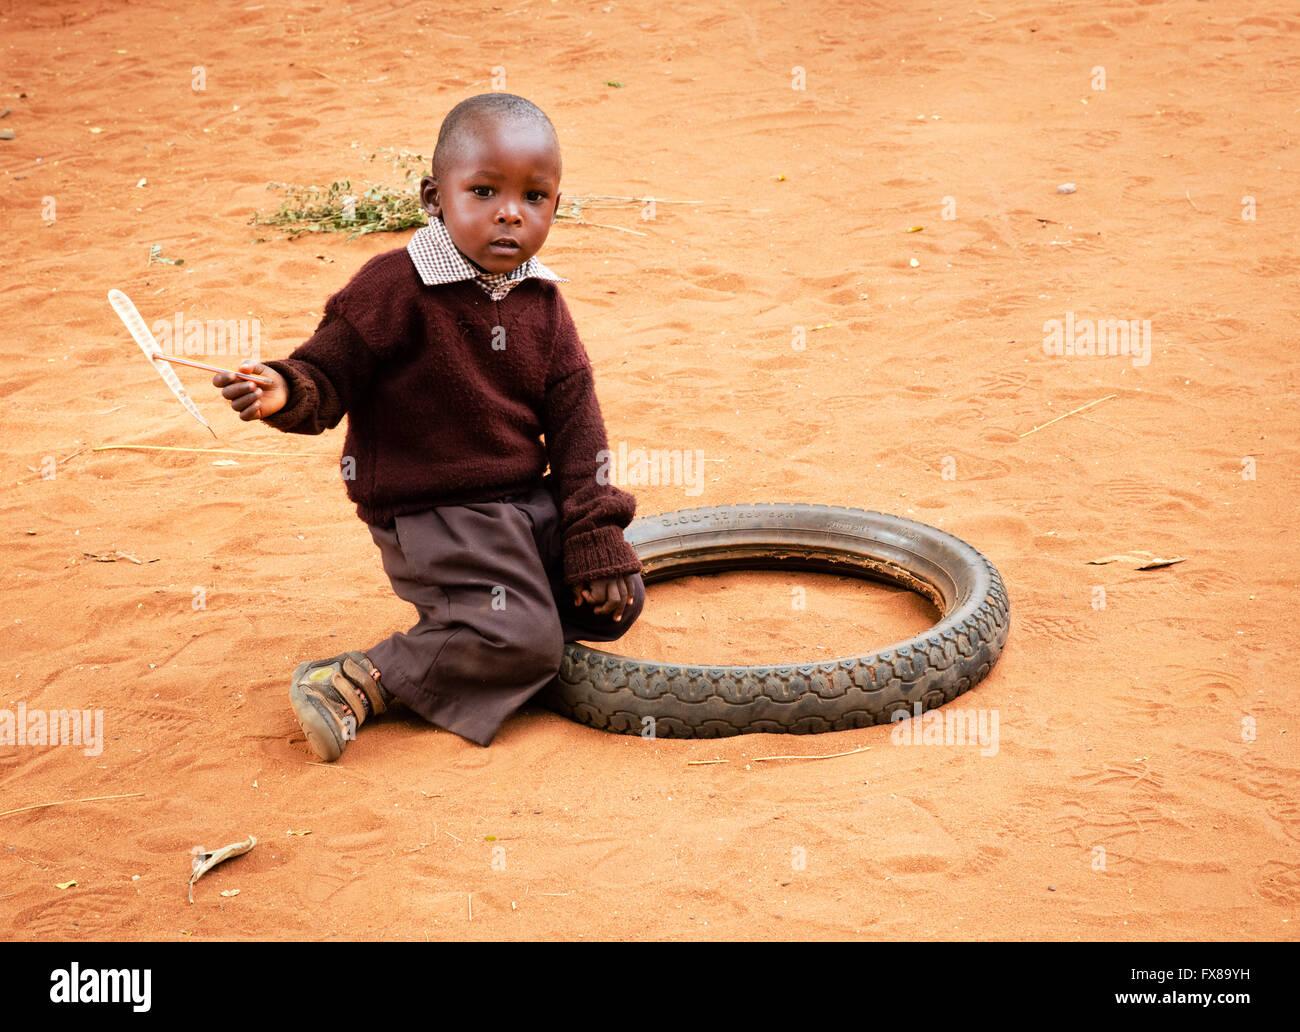 Junge Schüler spielen mit behelfsmäßigen Spielzeug ein Stick-Propeller und einen alten Reifen an Stockbild